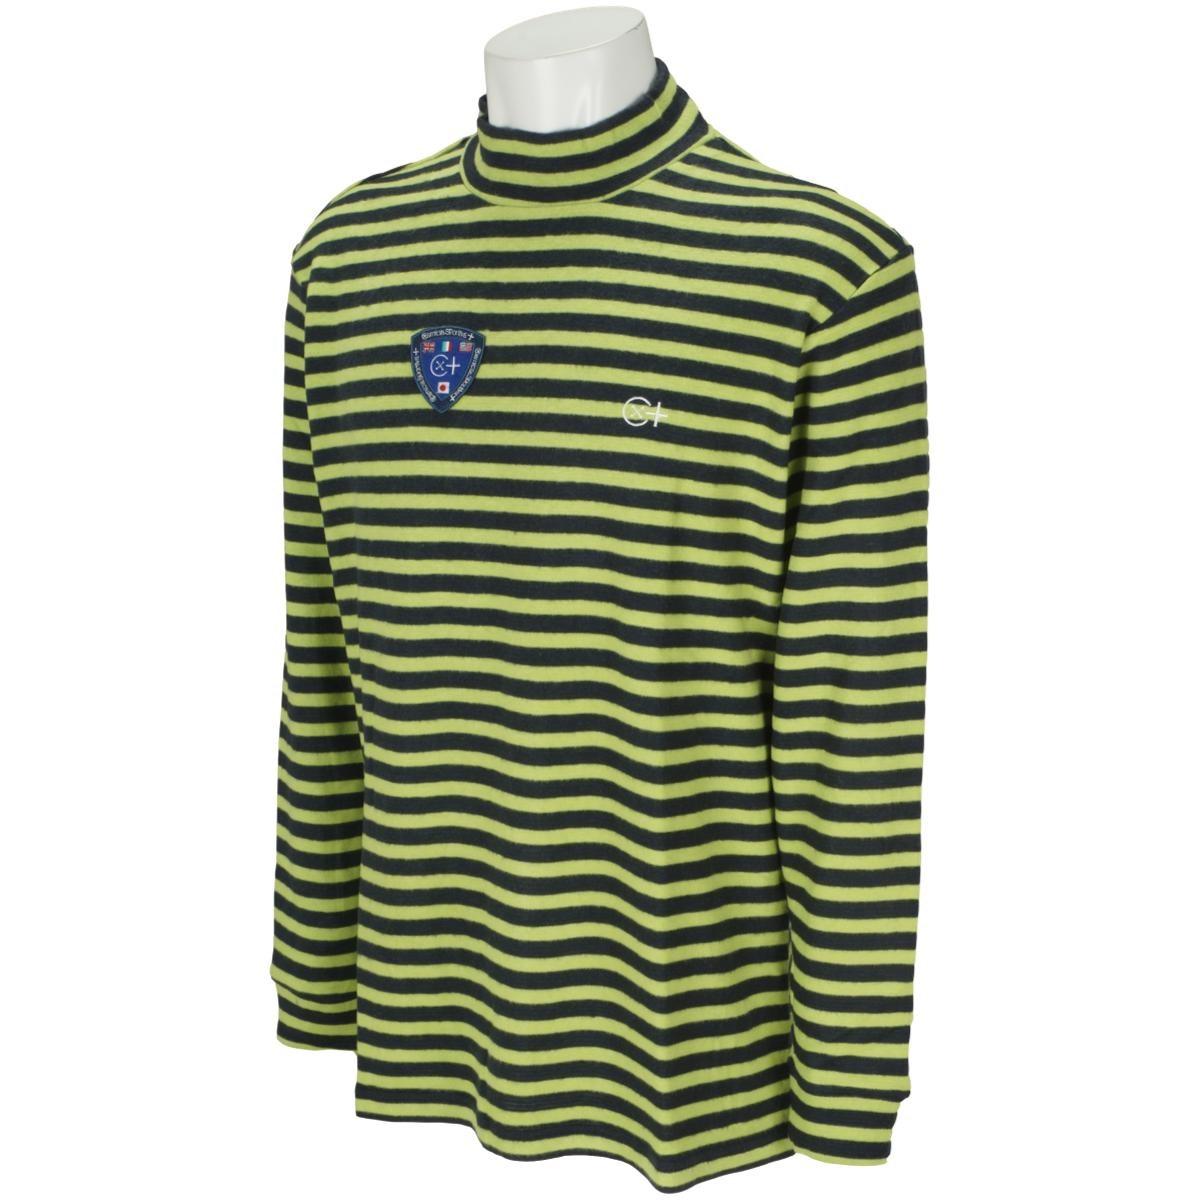 カミーチャスポルティーバプラス Camicia Sportiva+ 起毛ボーダー長袖モックネックシャツ 48 ライトグリーン